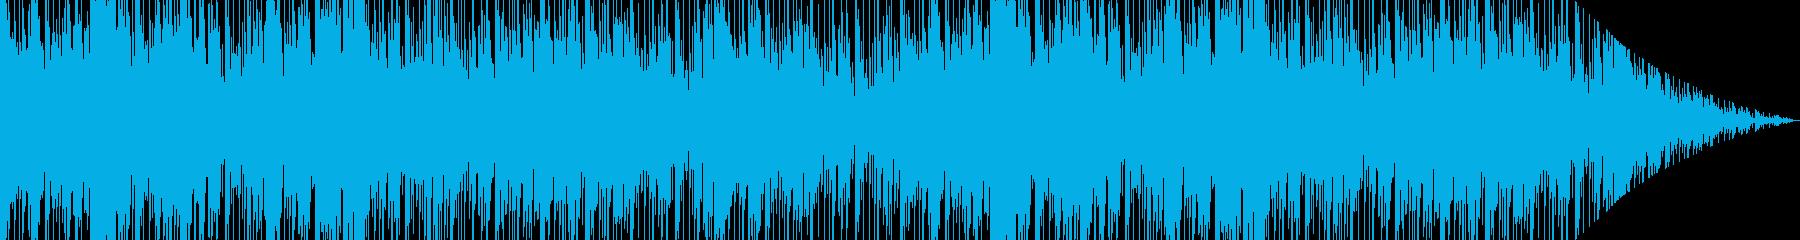 民族楽器を使用したエスニック風な曲の再生済みの波形